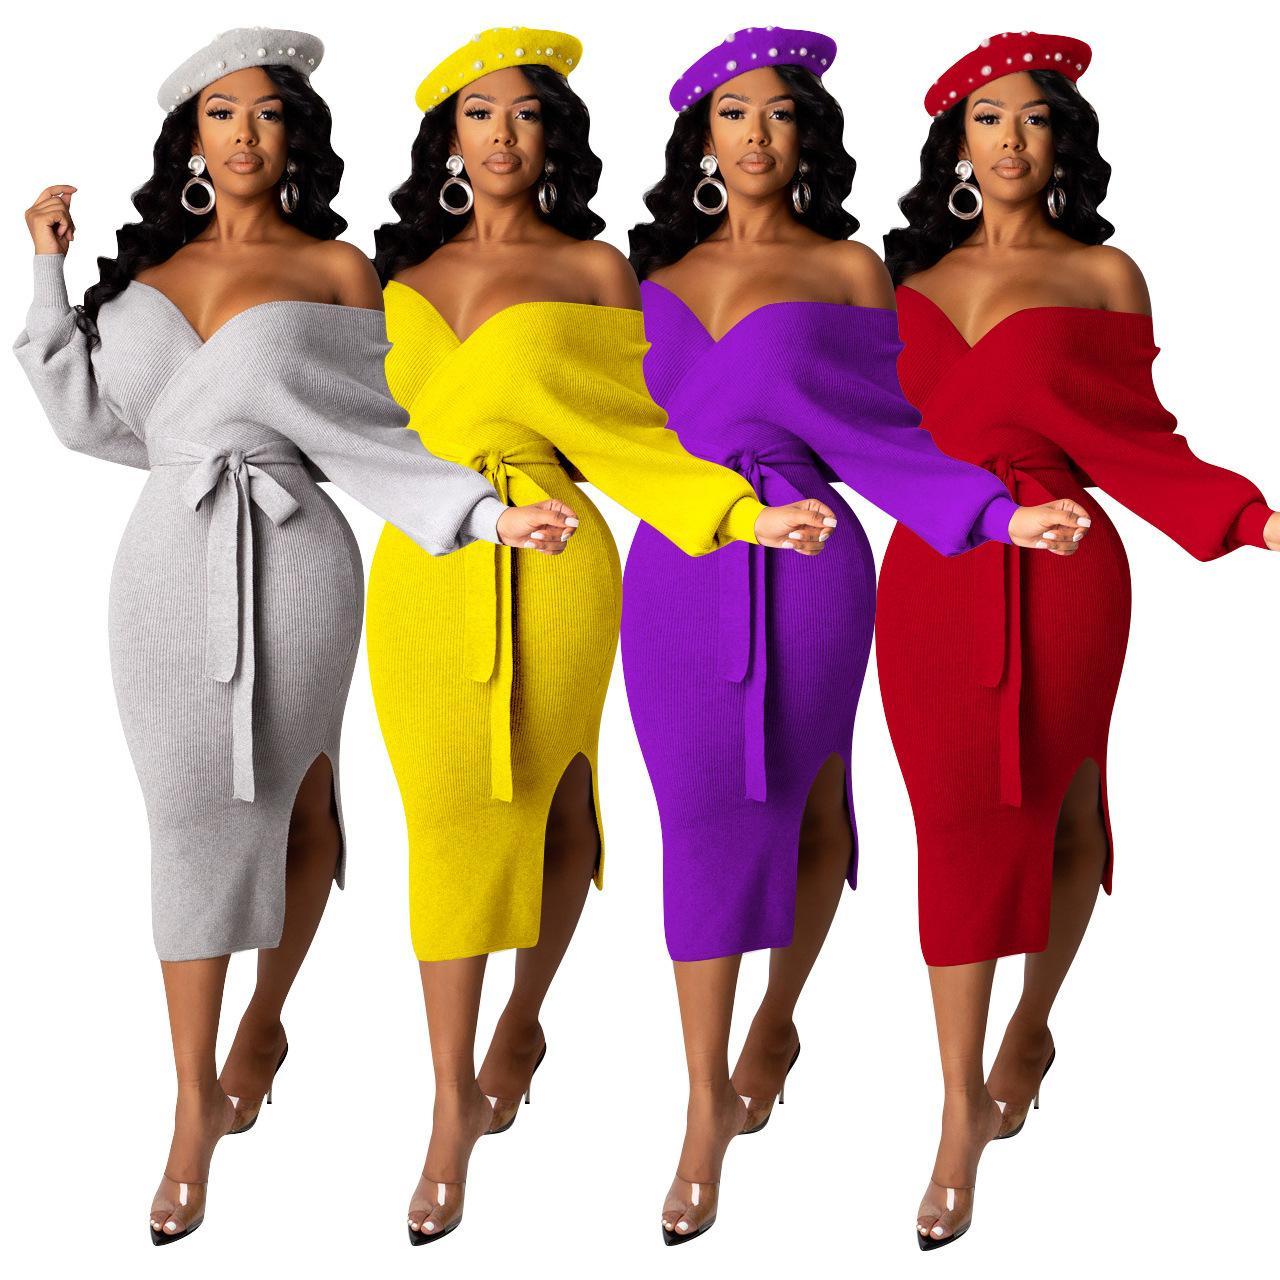 FE036 المرأة مفتوحة العودة ضمادة مزاجه ضوء مطبوخ مطبوخ شريط الشريط اللباس المرأة اللباس